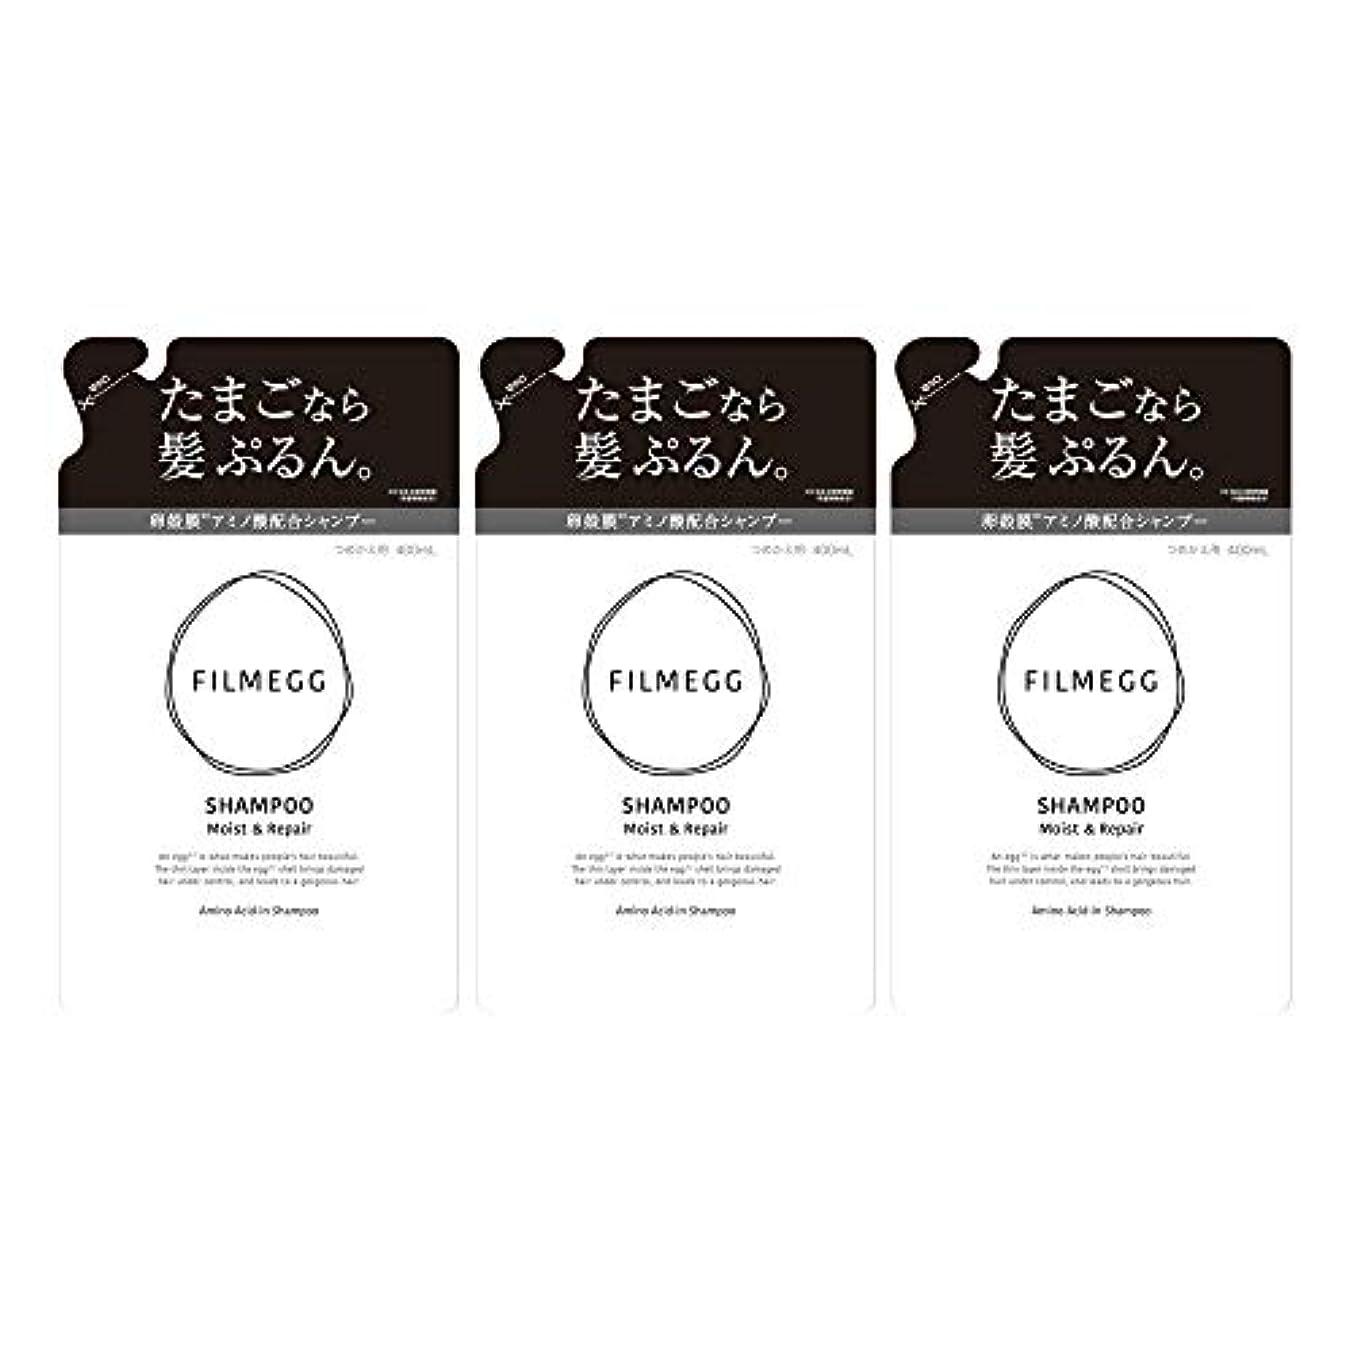 凍る漏れバン【3個セット】FILMEGG(フィルメッグ) シャンプー 詰替え 400ml